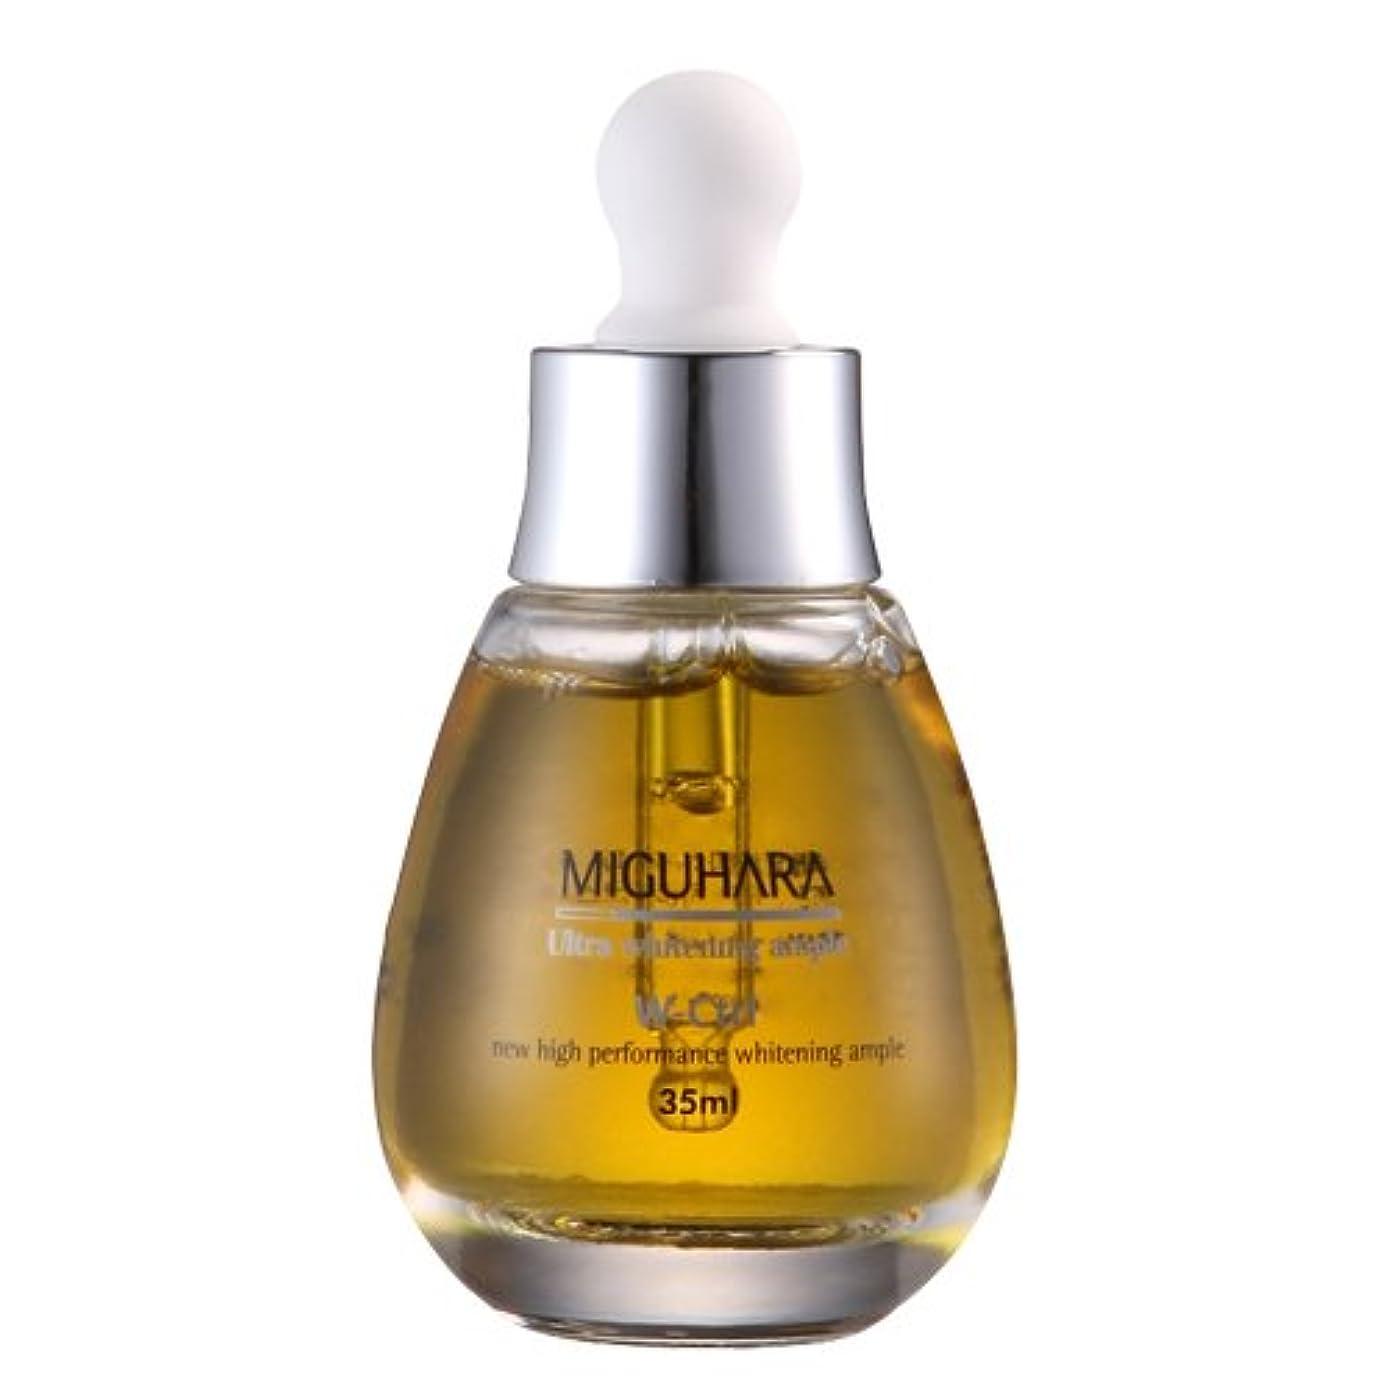 ごみ抜本的な百万(韓国製)MIGUHARAウルトラホワイトニング豊満35ミリリットル自然化粧品Ultra Whitening Ample